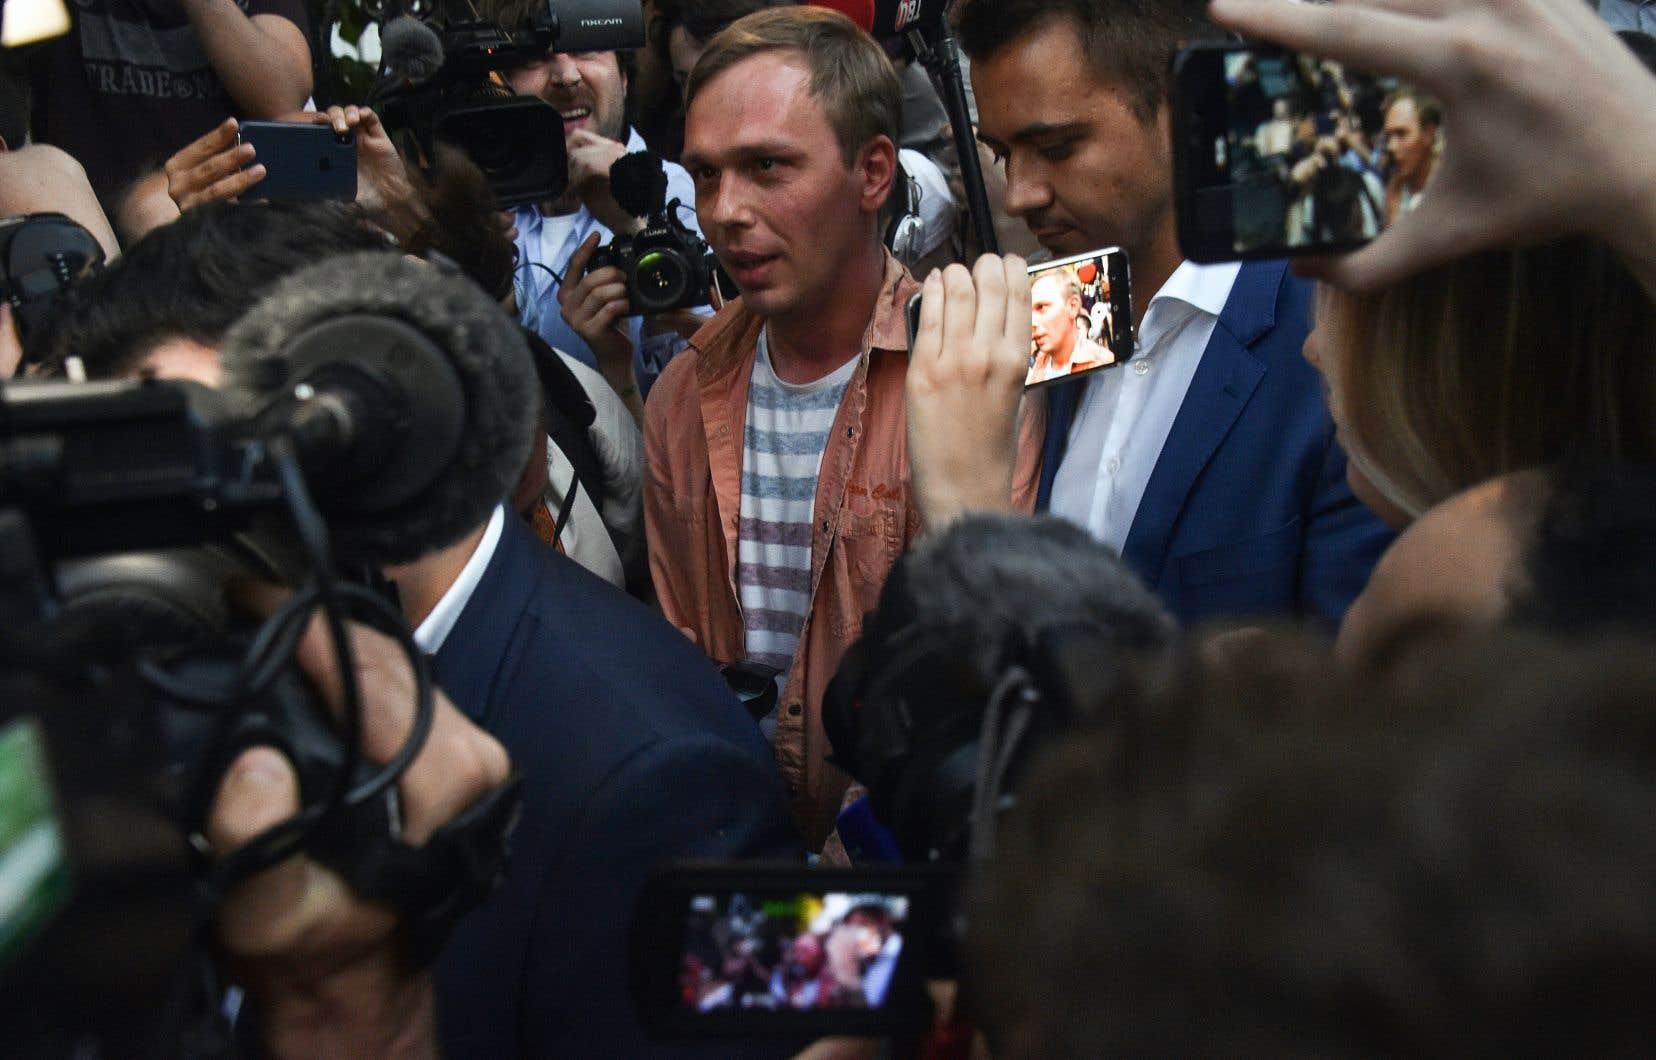 Dès sa sortie du poste de police, Ivan Golounov (au centre), très ému, a été accueilli par une foule de journalistes et par les manifestants qui le soutiennent depuis son arrestation jeudi dernier.